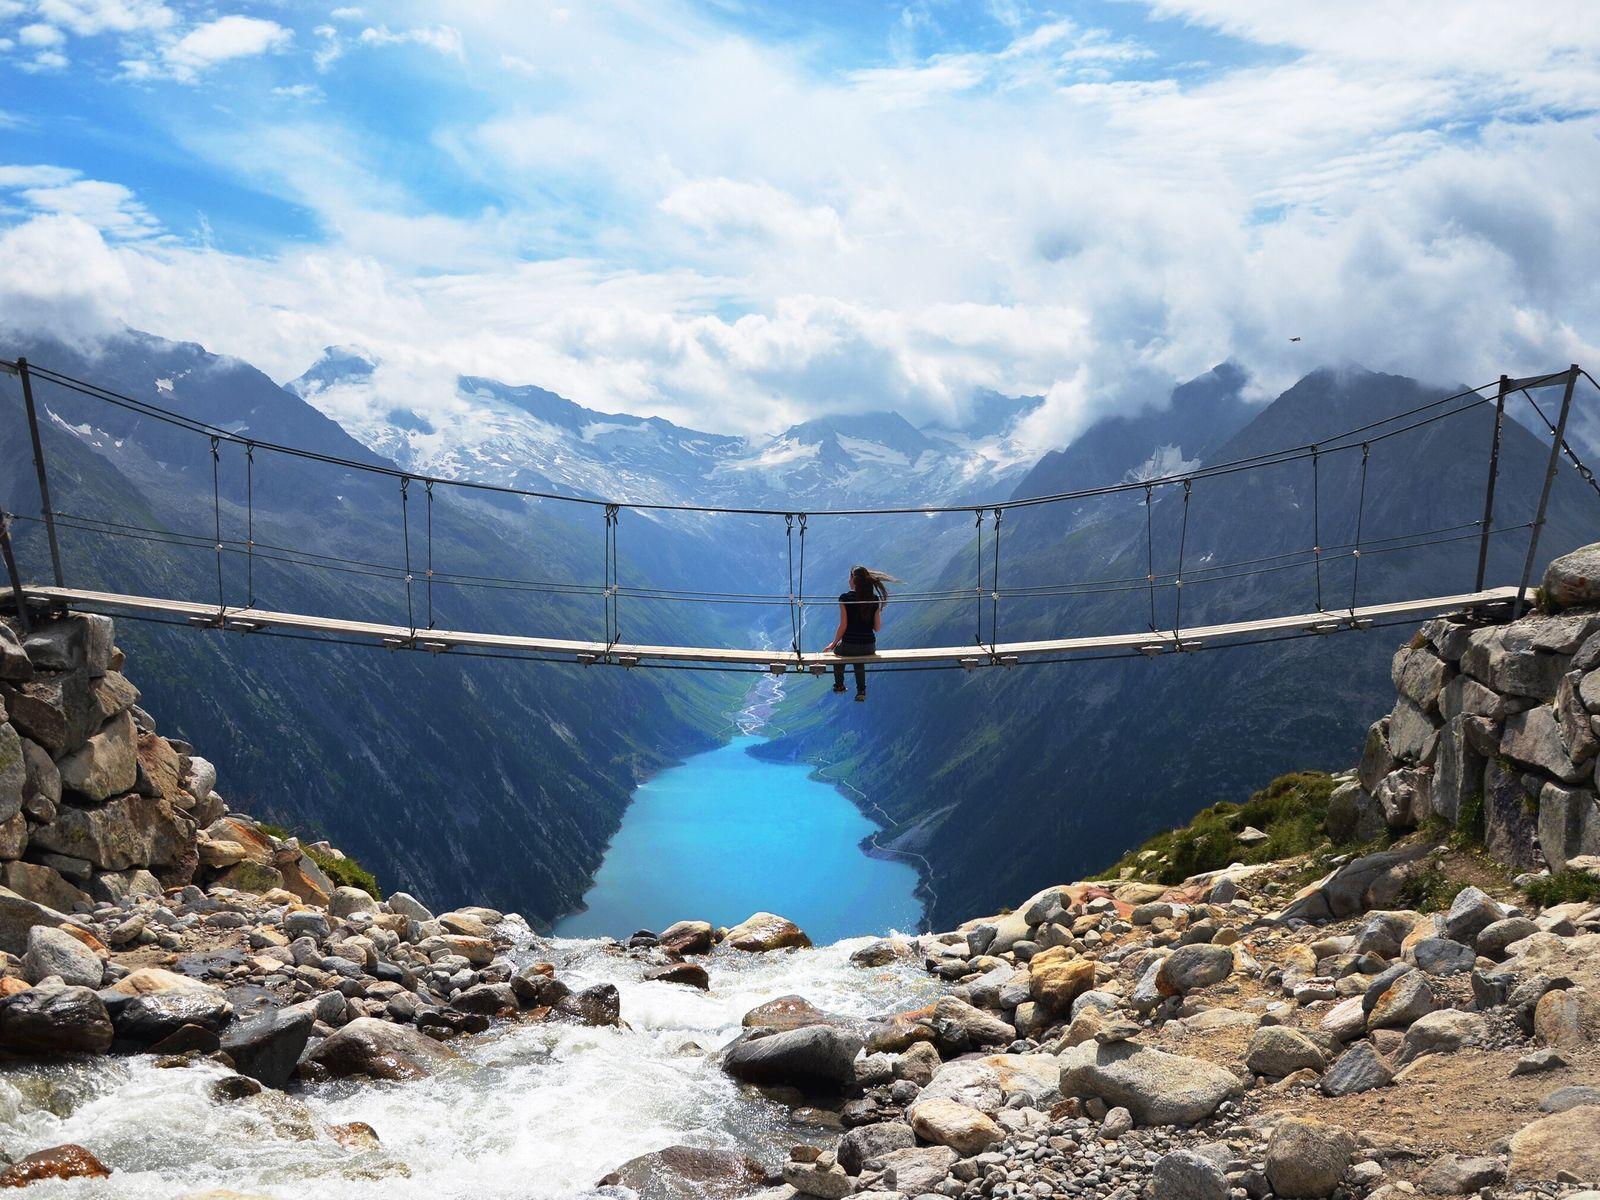 Diese Hängebrücke in den Zillertaler Alpen wurde zum Instagram-Hotspot.